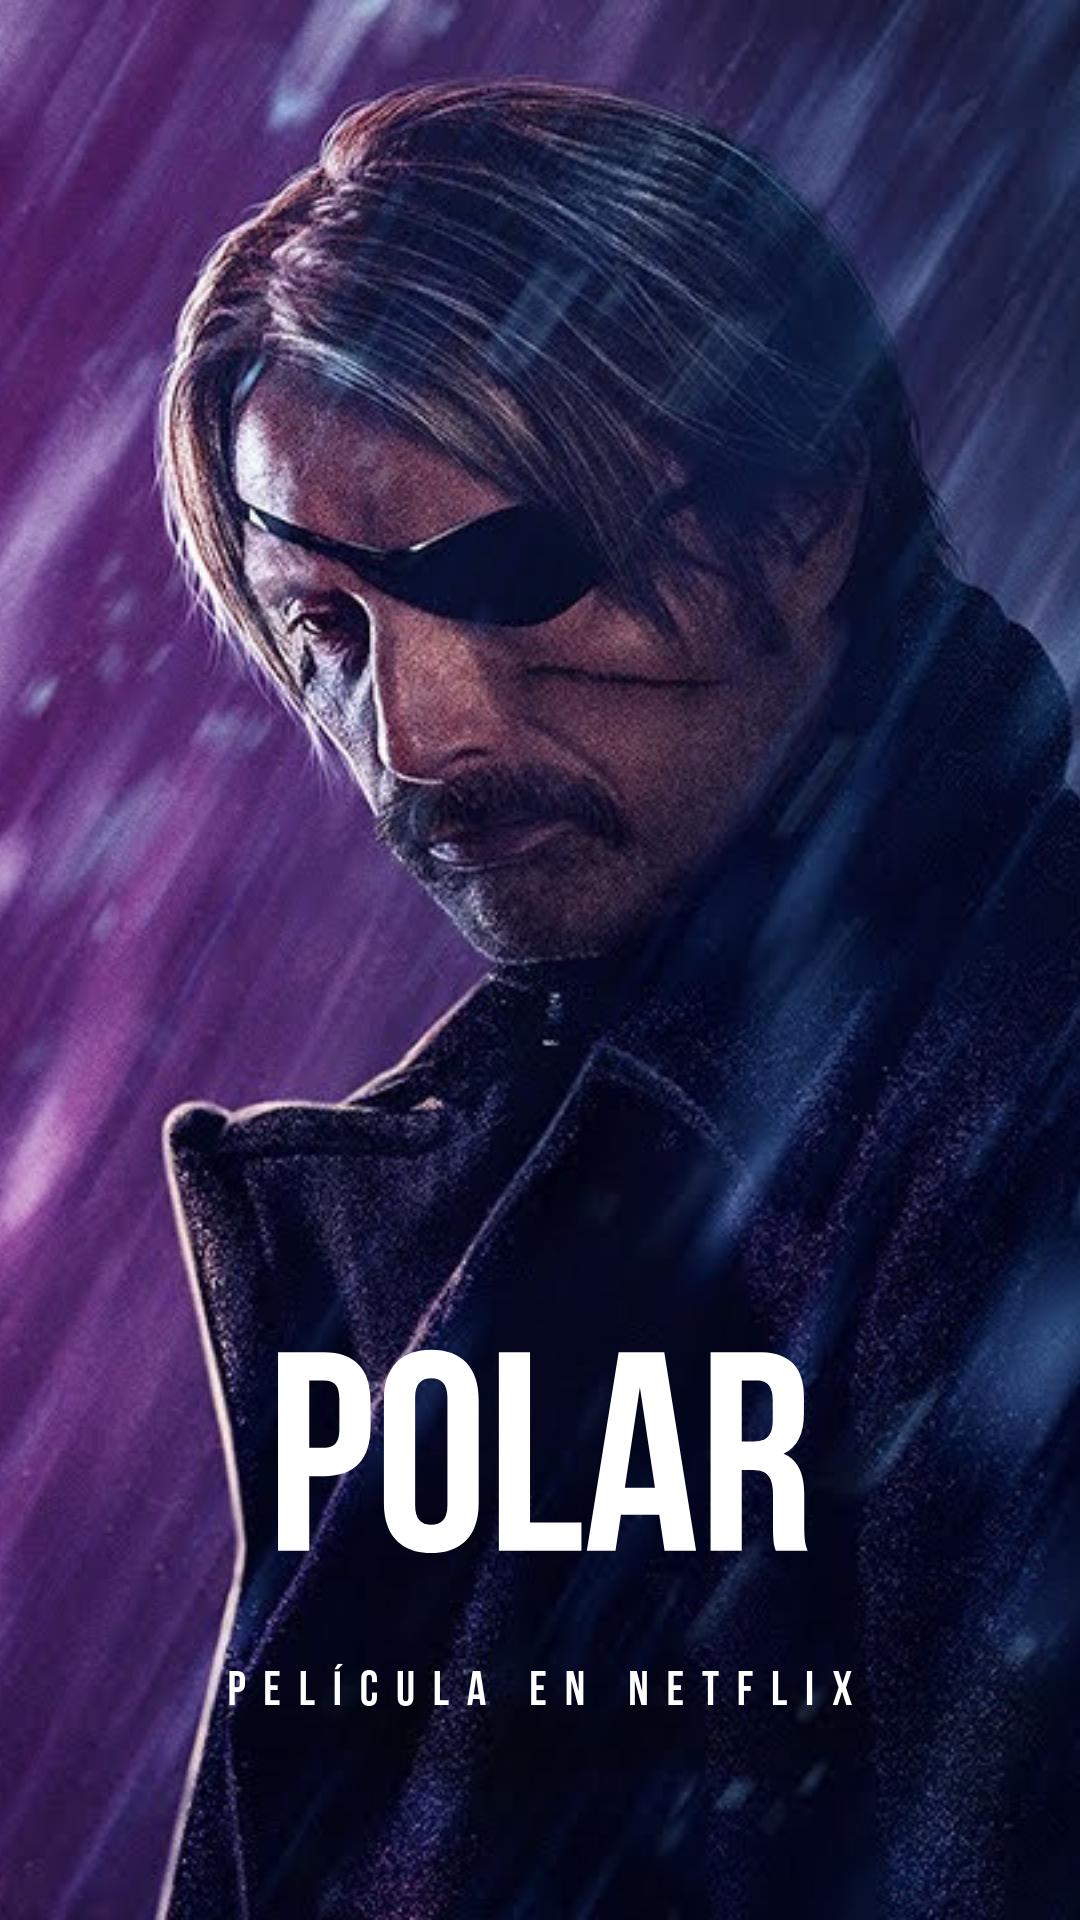 Pelicula De Accion En Netflix Polar Queverennetflix Peliculadenetflix Peliculas De Accion Peliculas En Netflix Peliculas